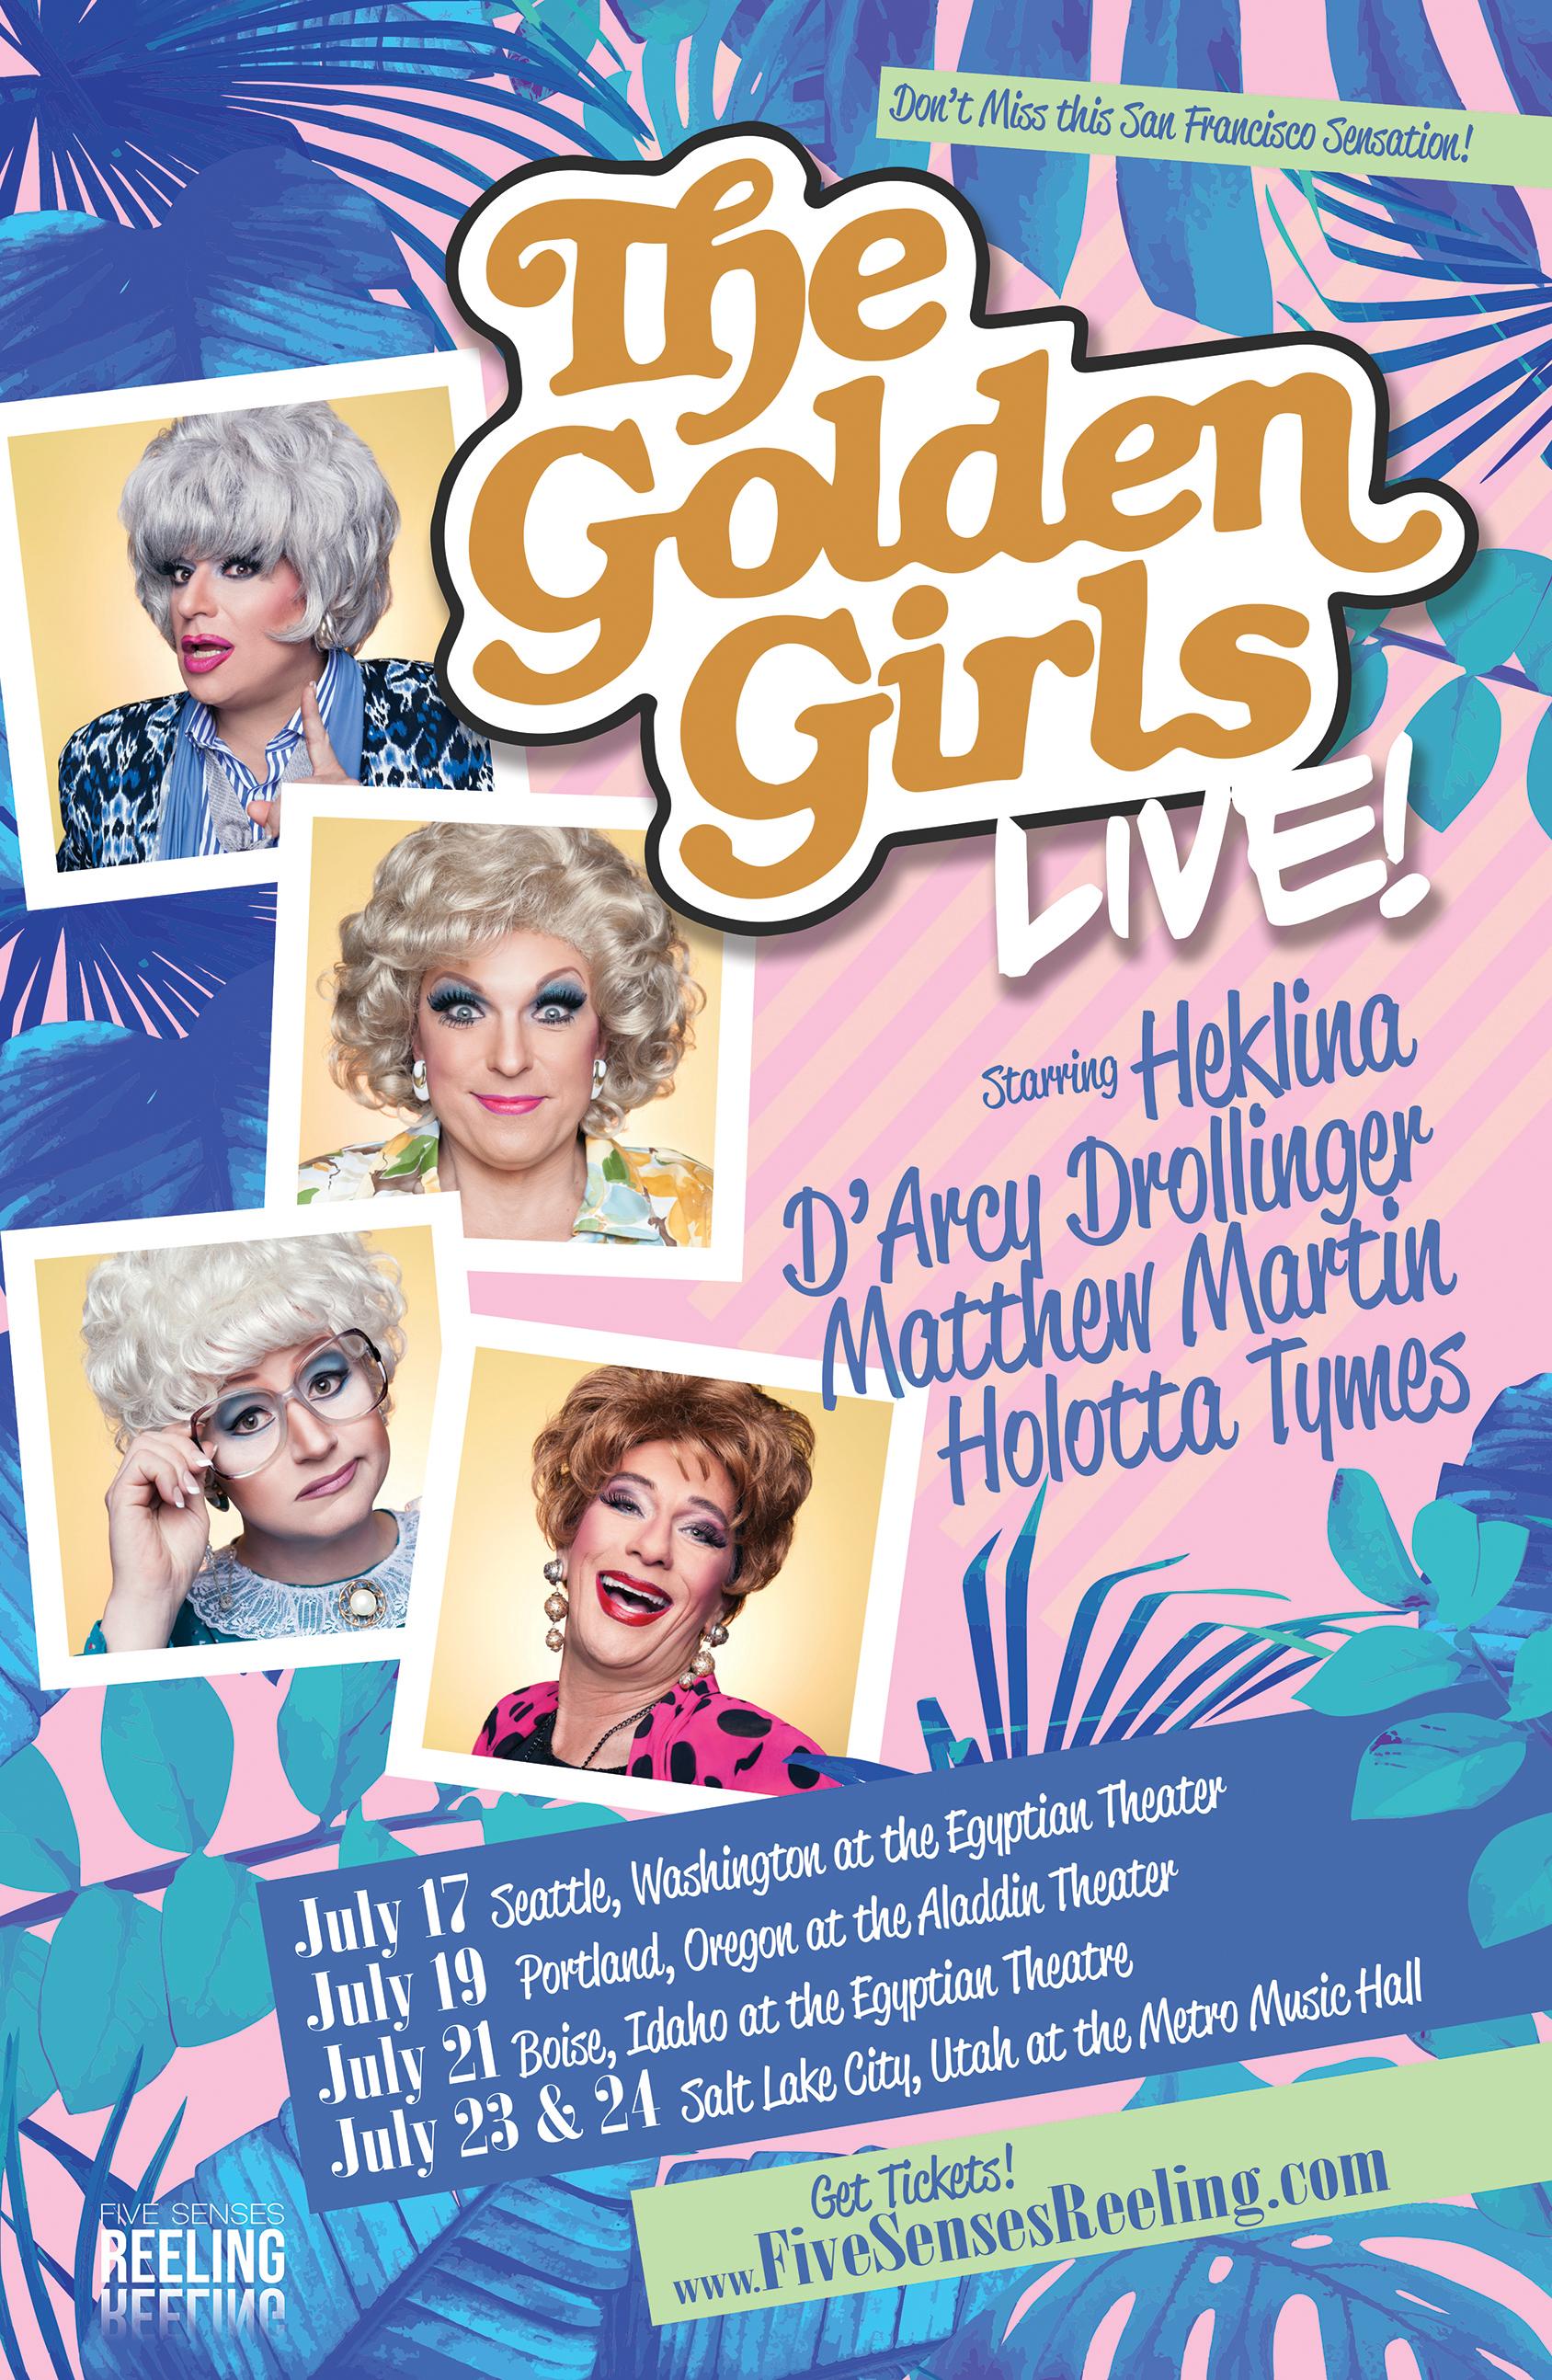 11x17 golden girls 2019 tour poster_final_SM.jpg